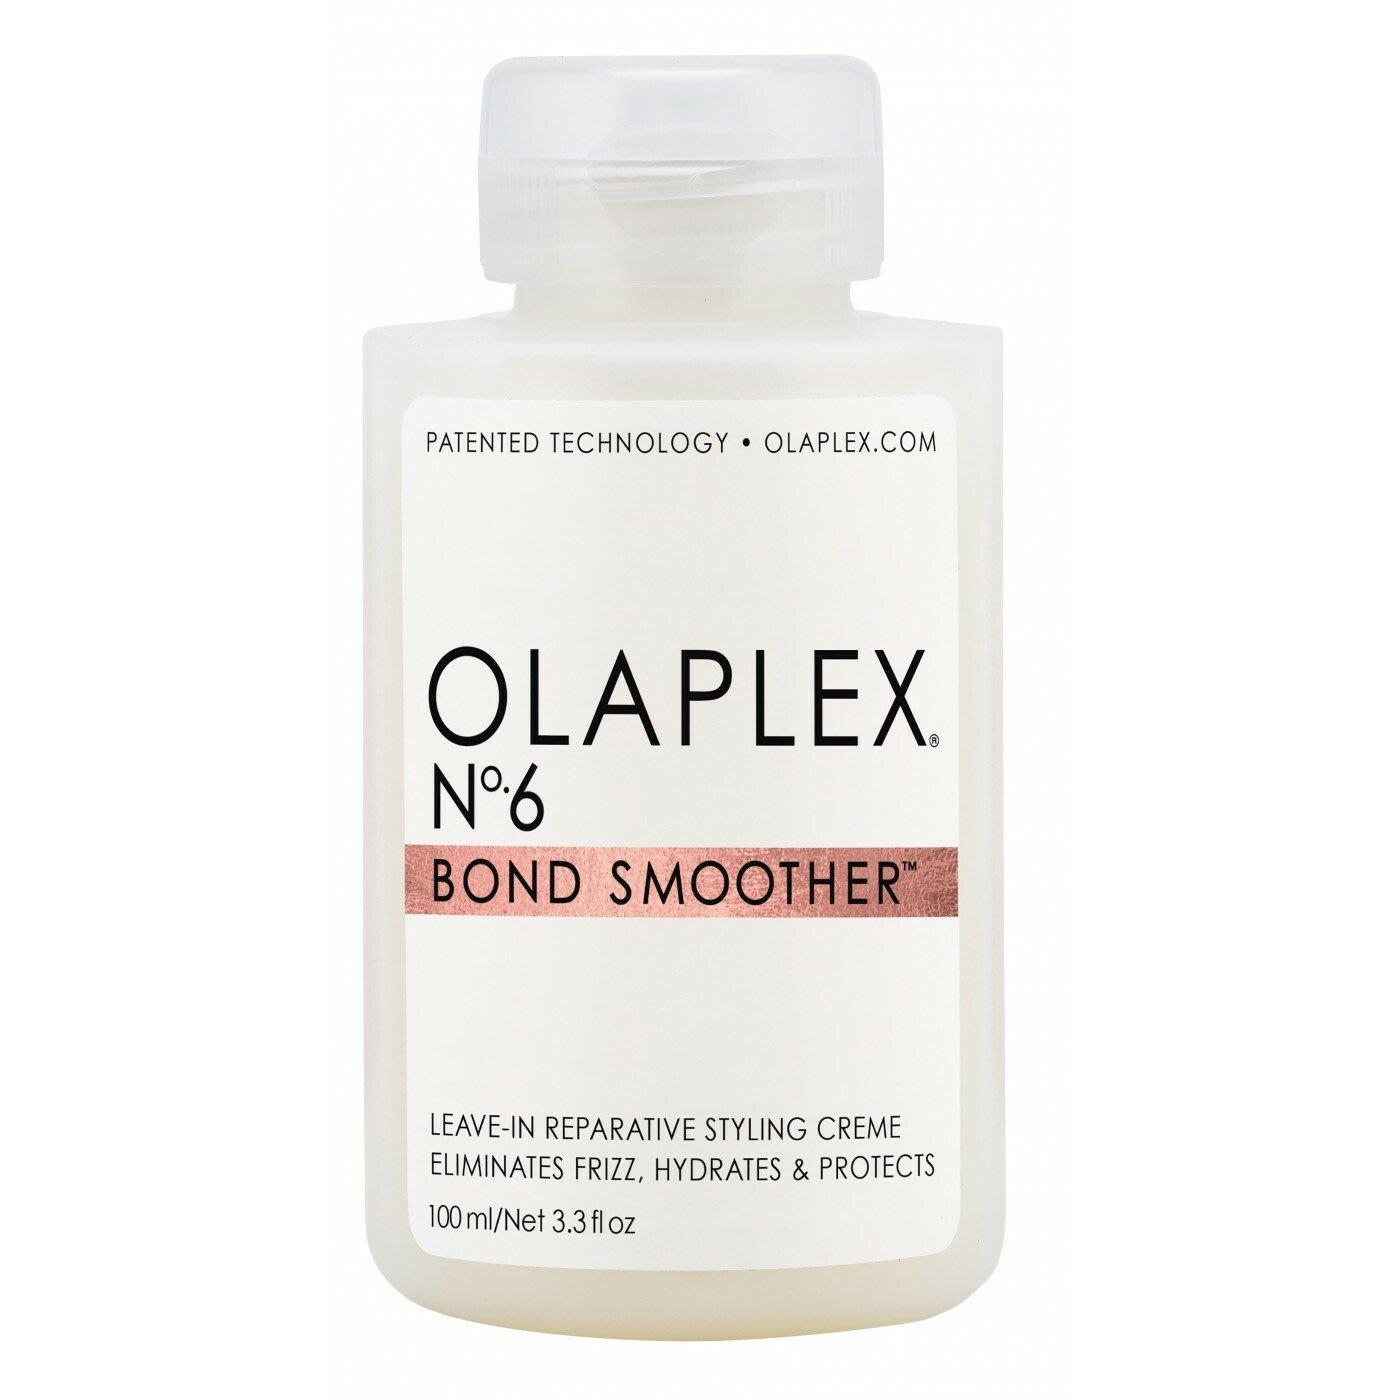 【魔法美妝】OLAPLEX歐拉 6號護髮100ml(免沖洗護髮乳)hair No 6 Bond Smoother